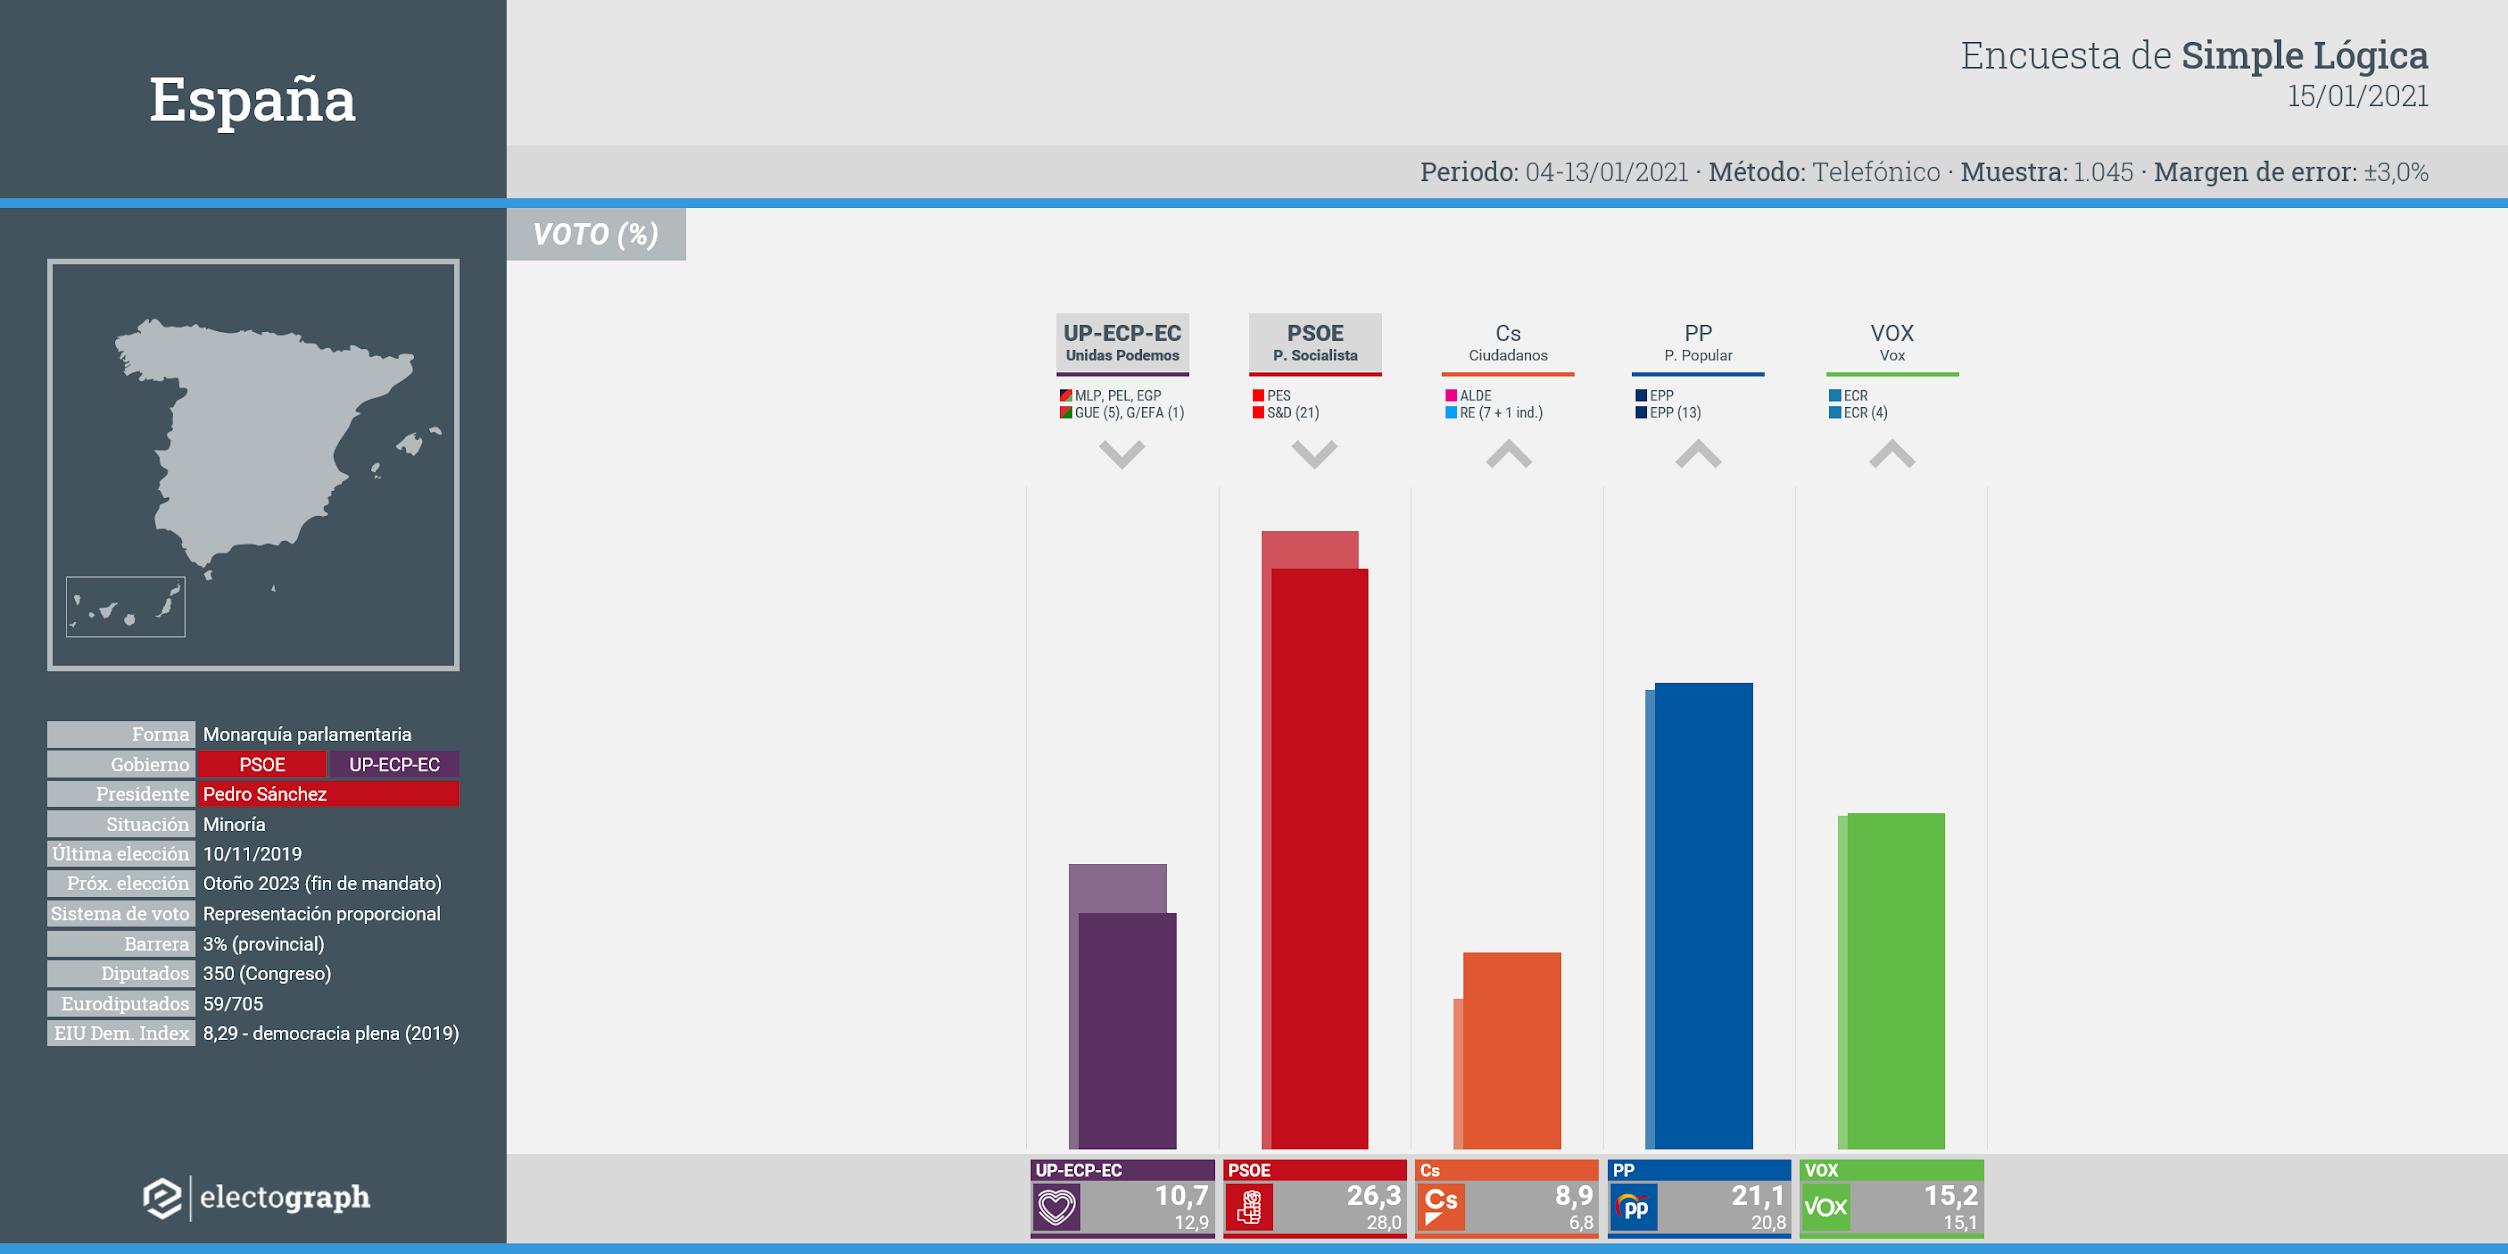 Gráfico de la encuesta para elecciones generales en España realizada por Simple Lógica, 15 de enero de 2021